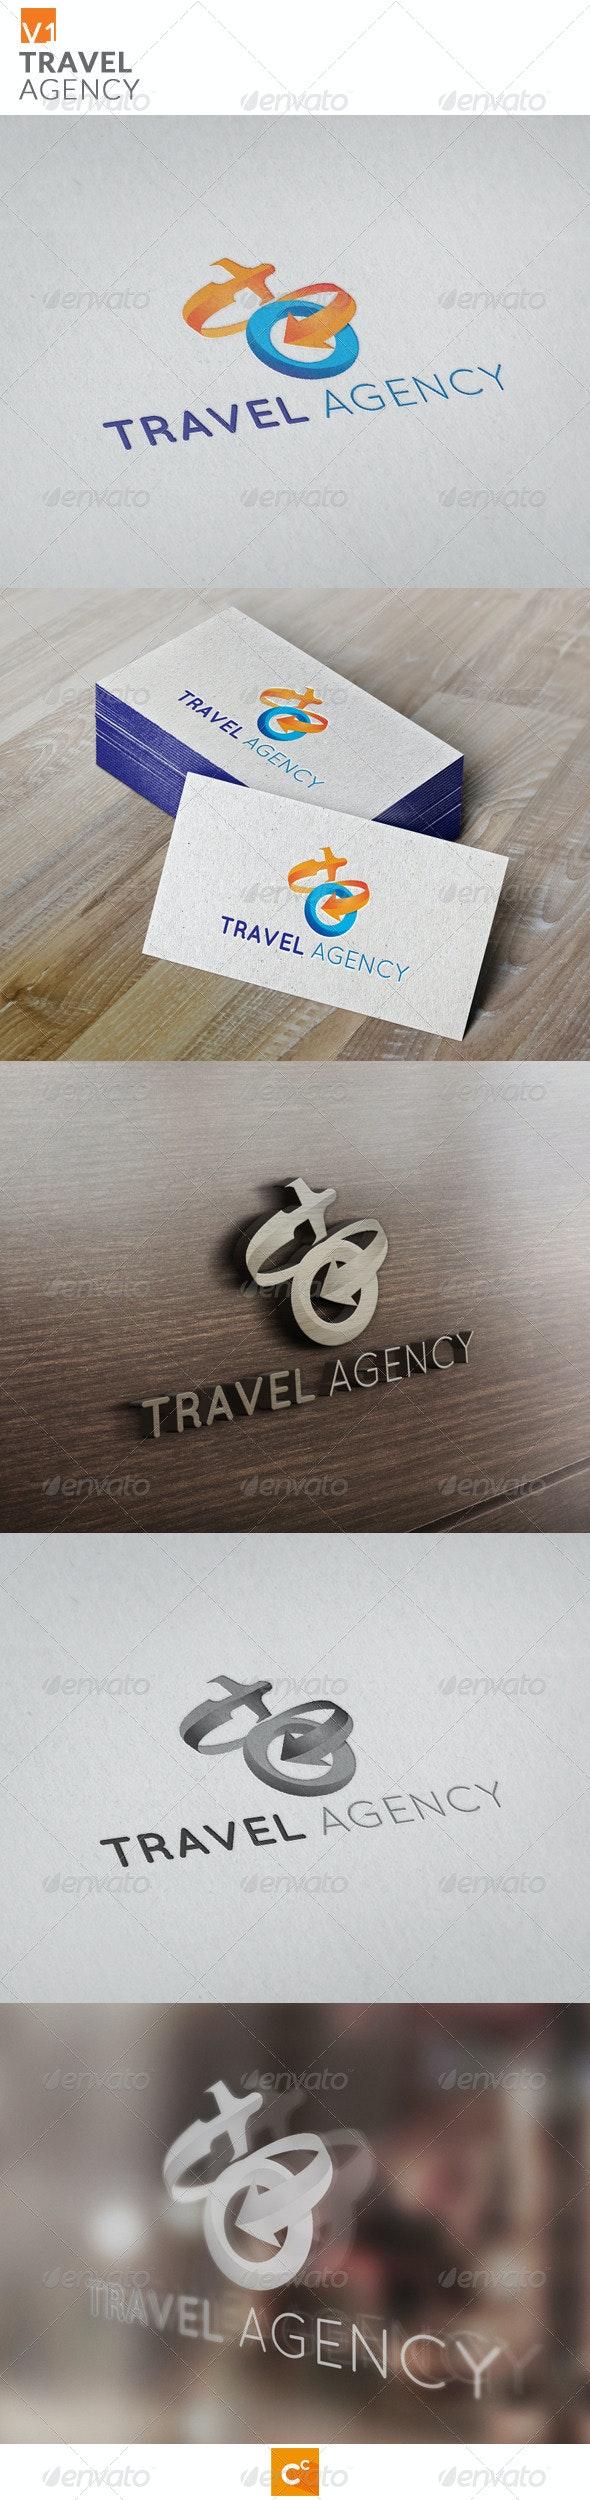 Travel Agency - Symbols Logo Templates